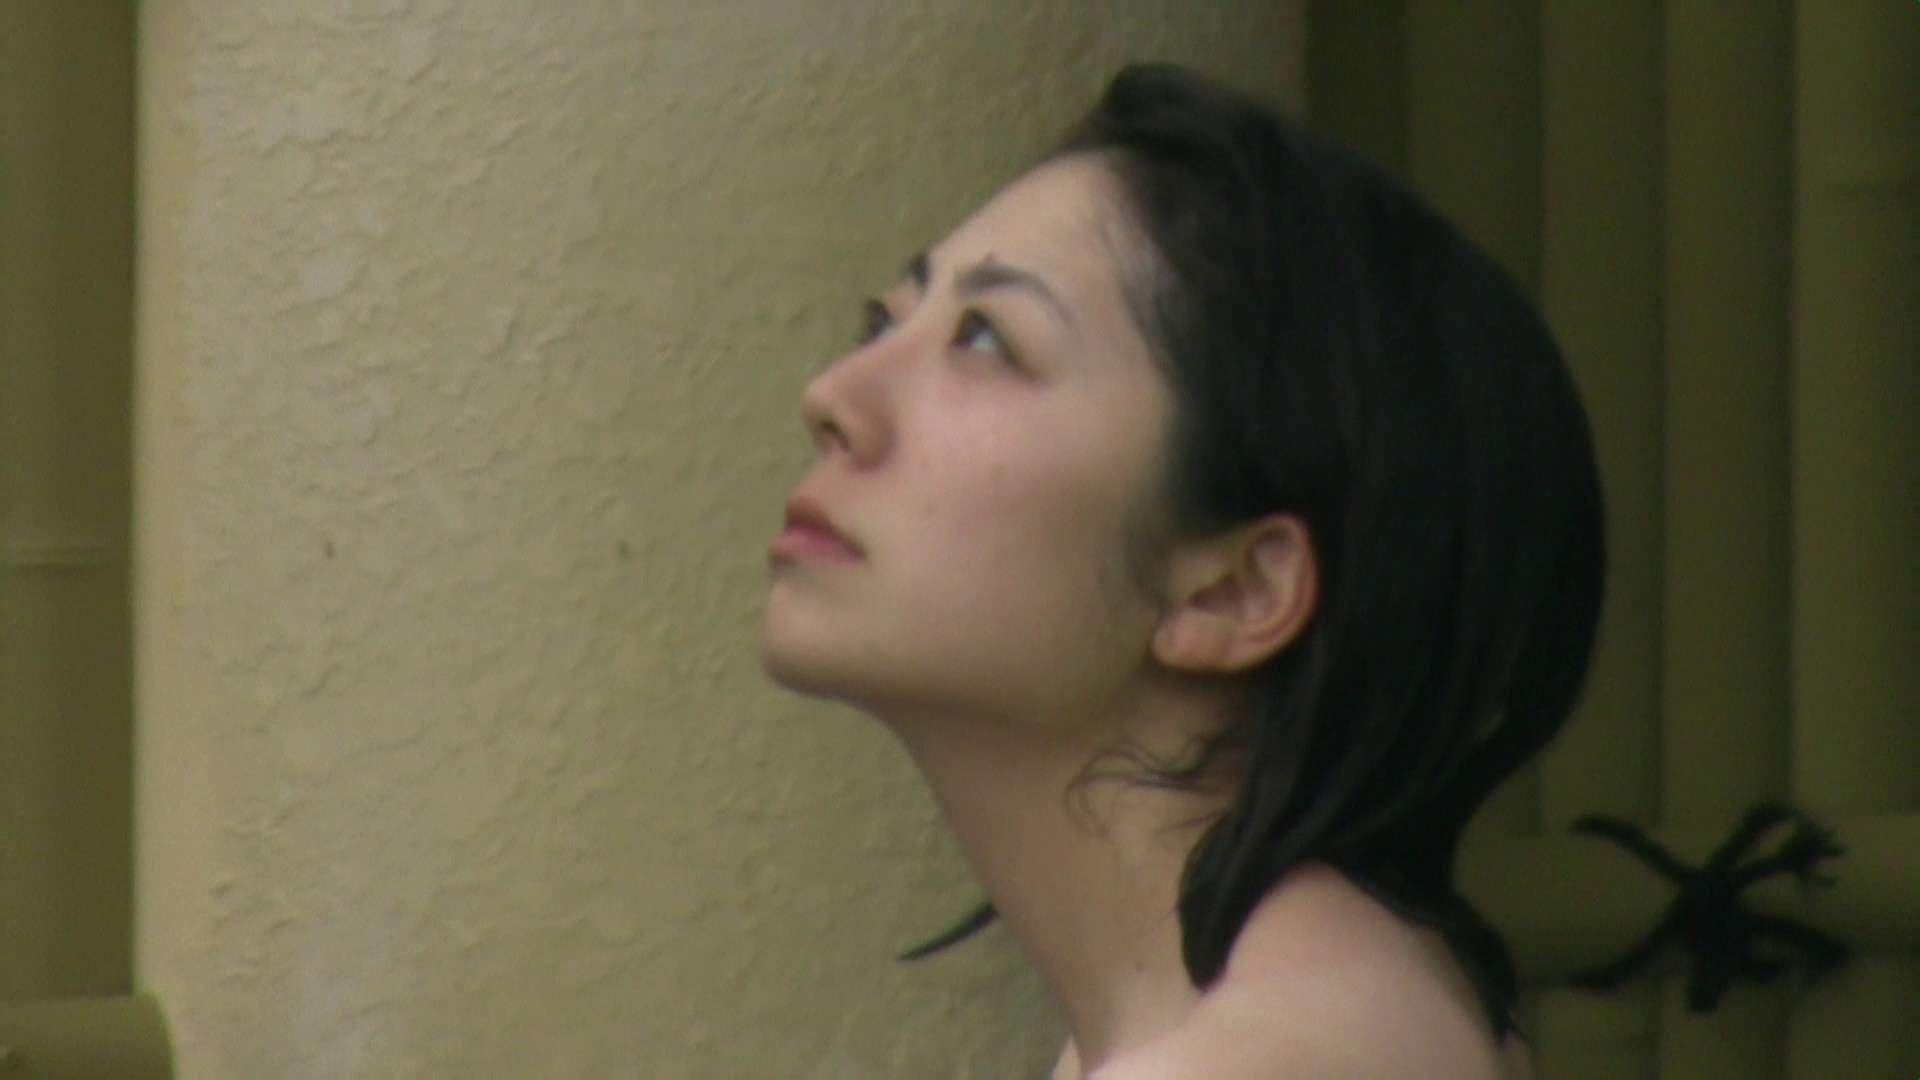 Aquaな露天風呂Vol.04 エッチな盗撮 おまんこ動画流出 84pic 13